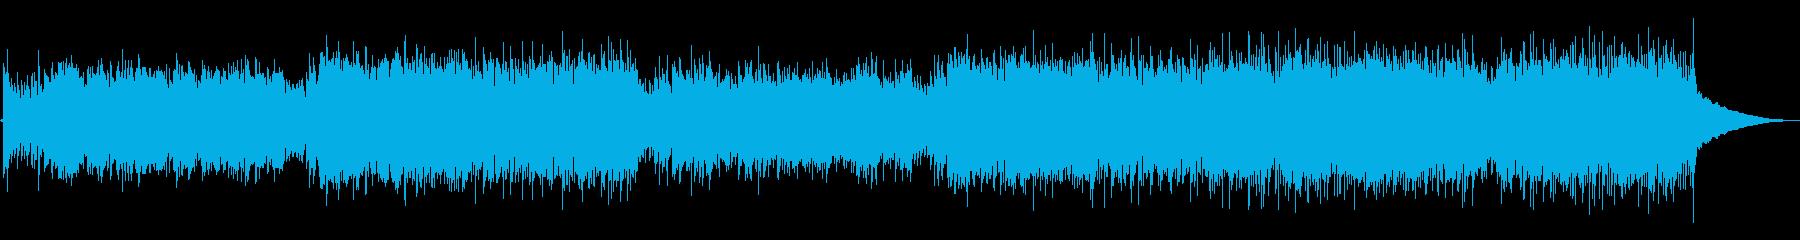 ゲーム・情熱的でかっこいいフラメンコの再生済みの波形